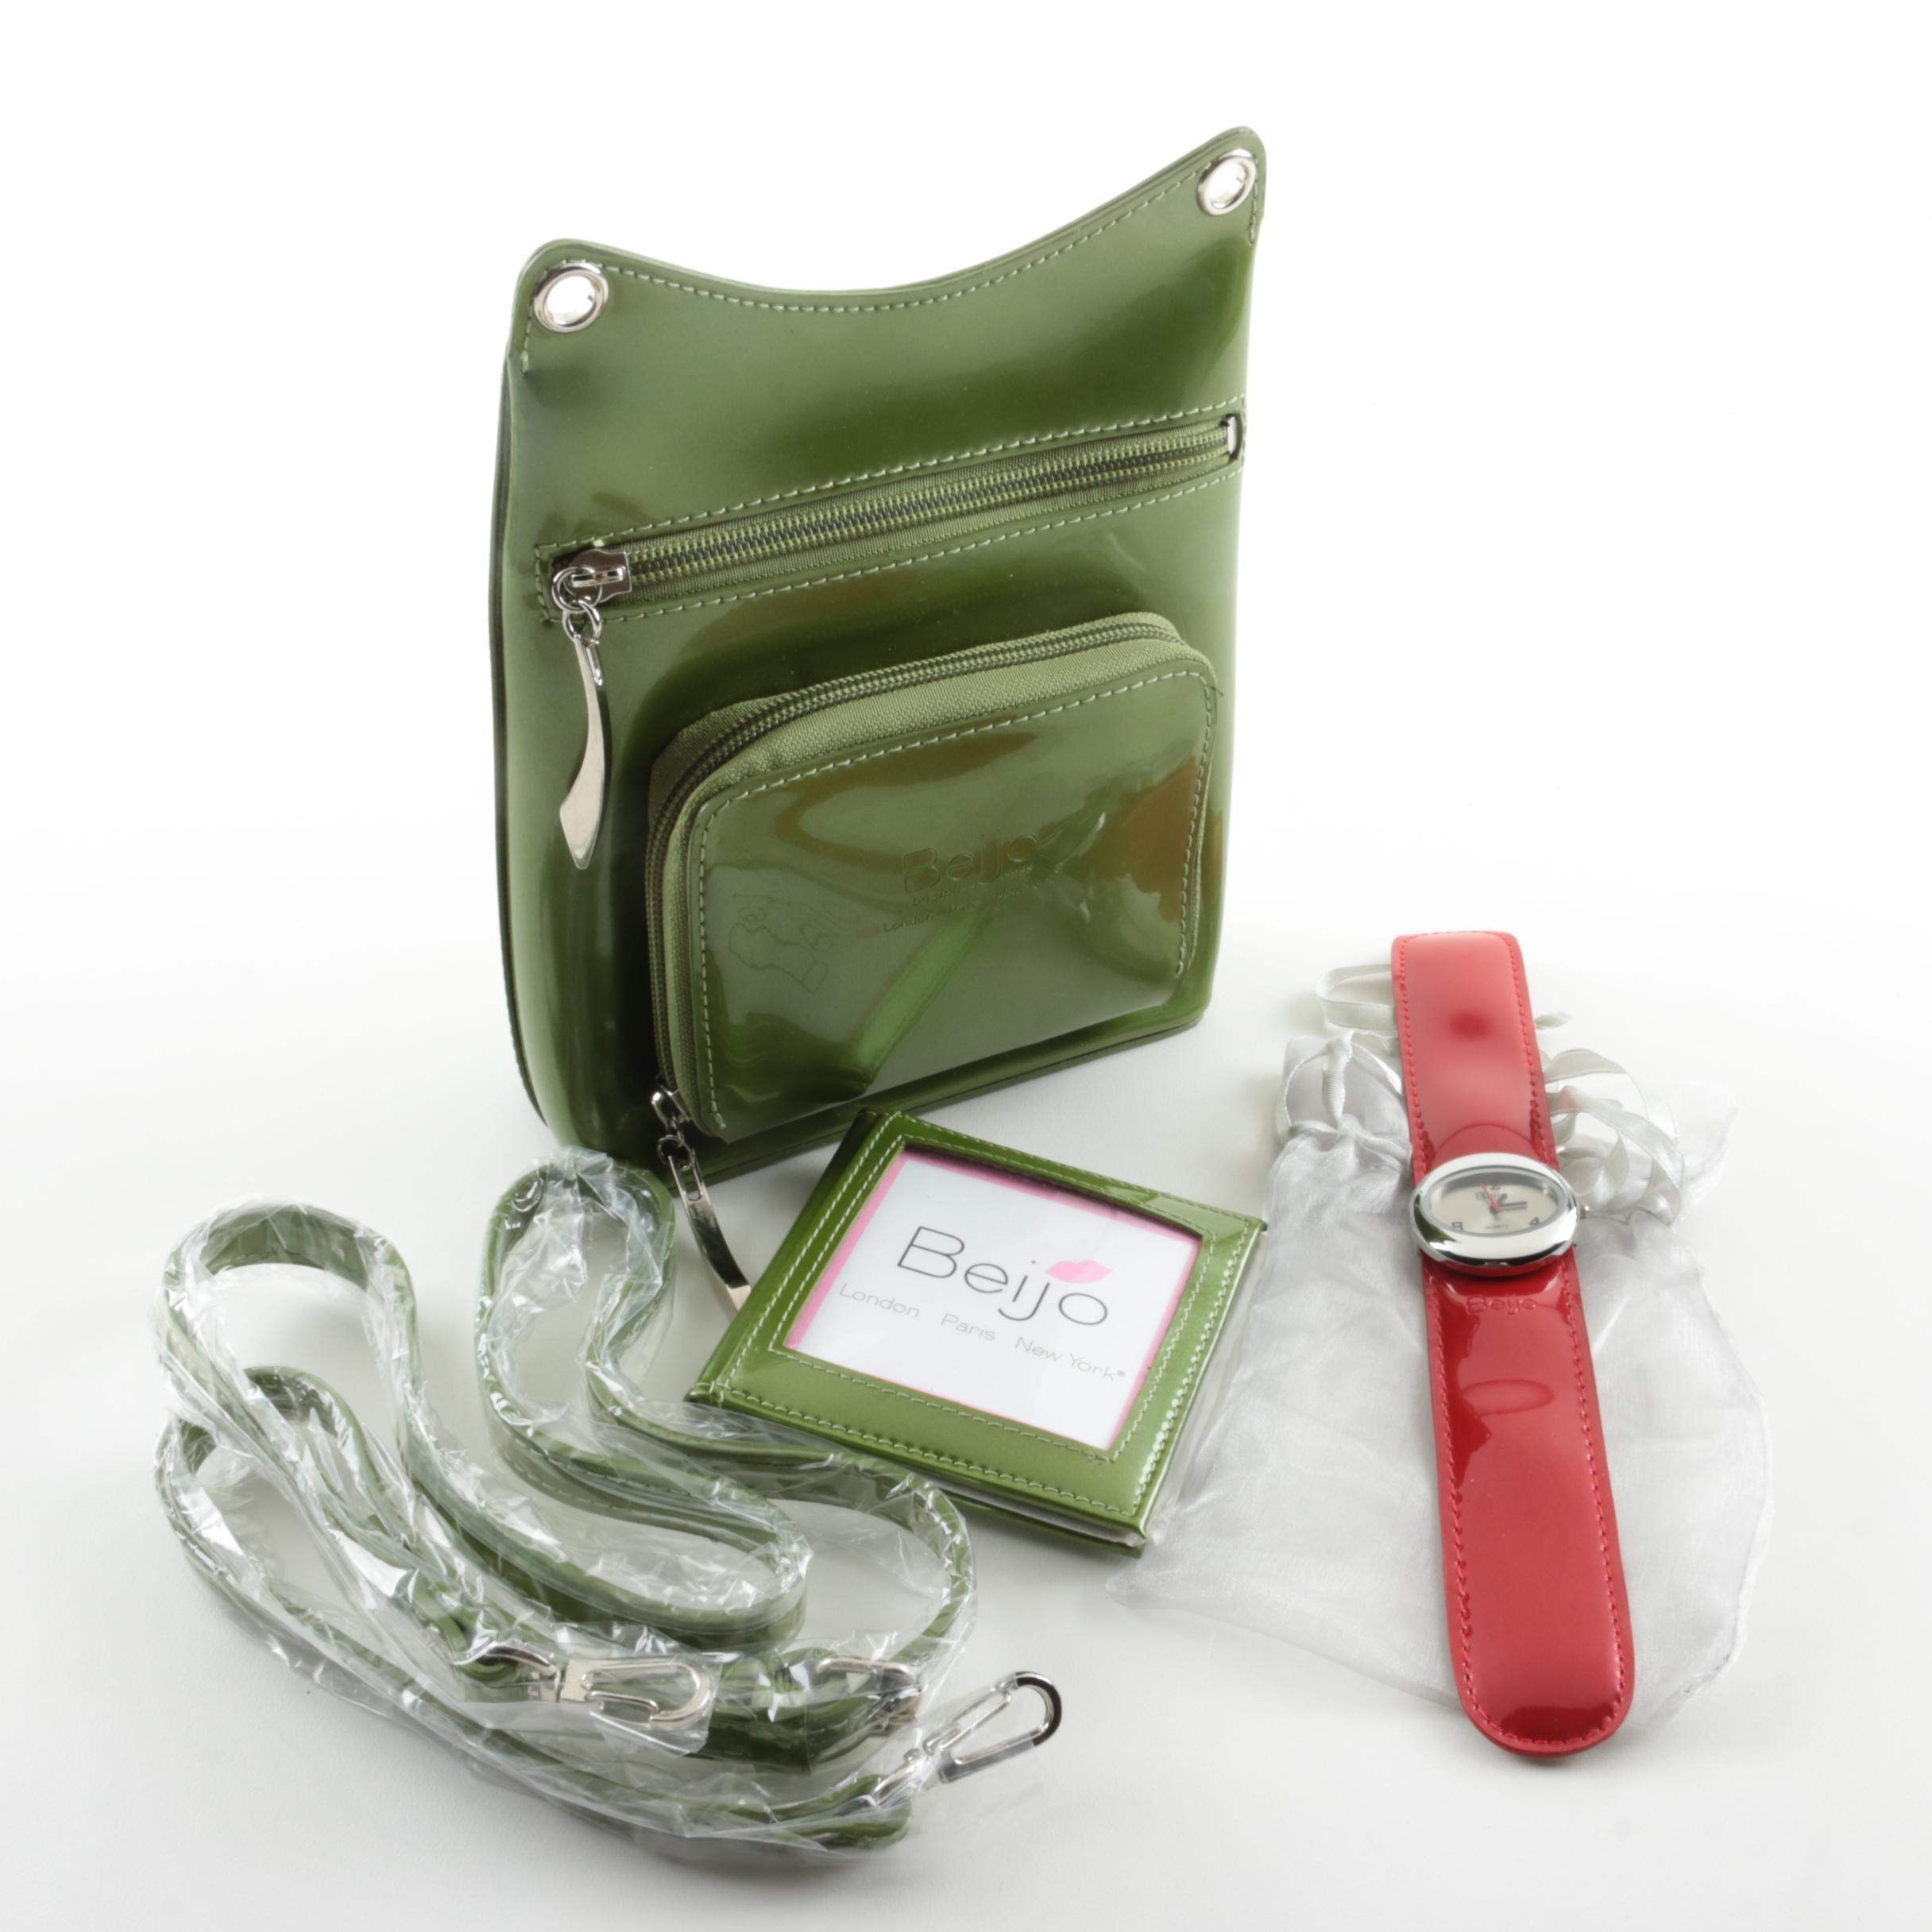 Beijo Green Crossbody Handbag and More